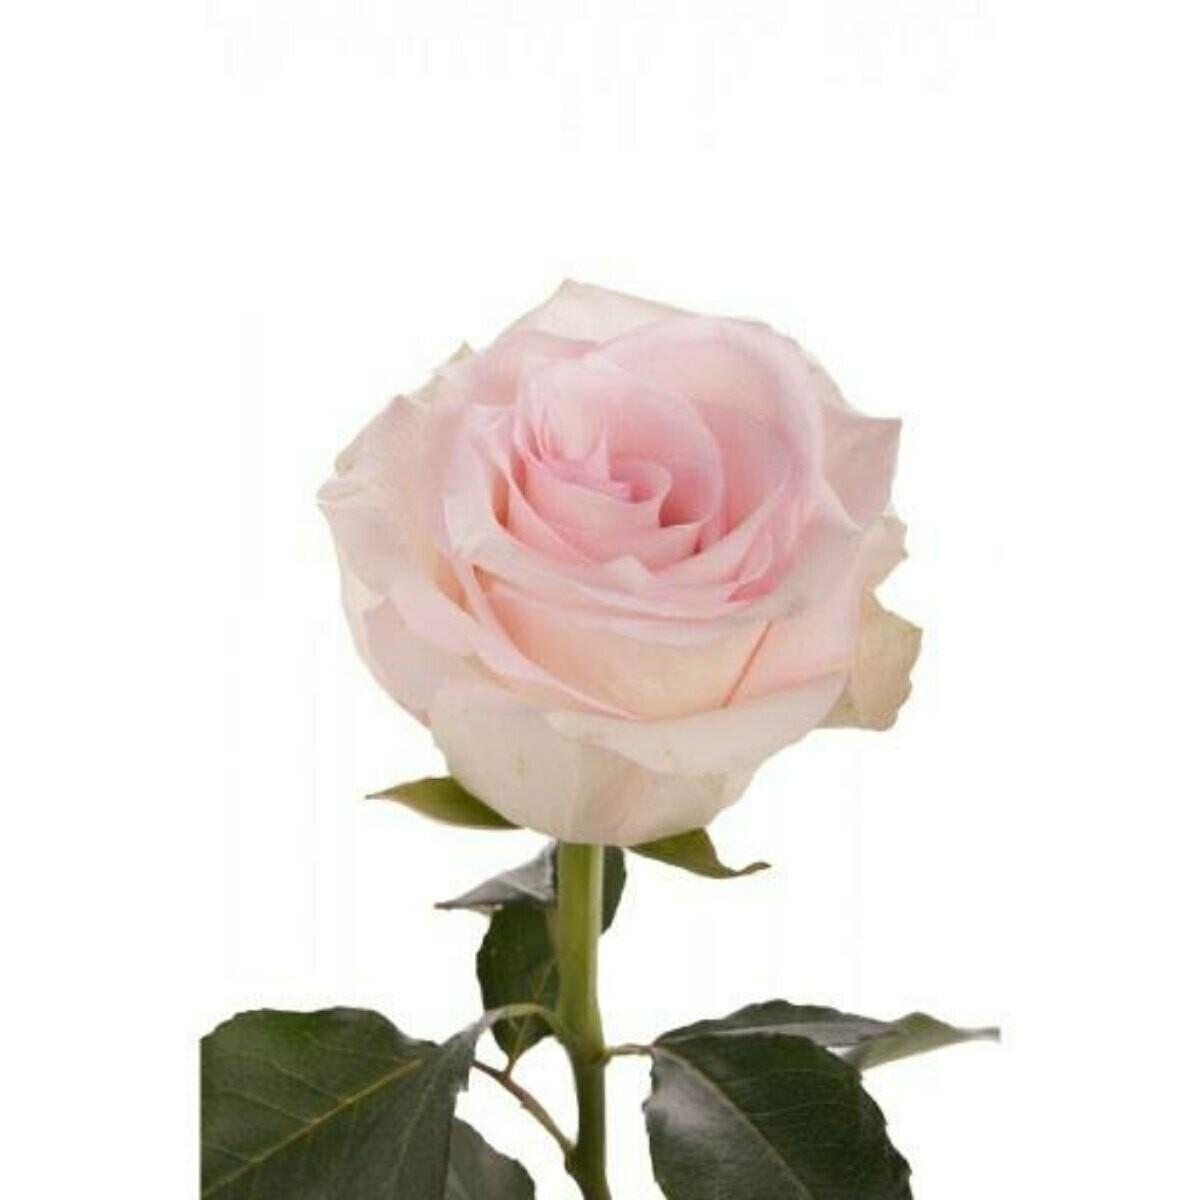 Ragazza - Premium Roses